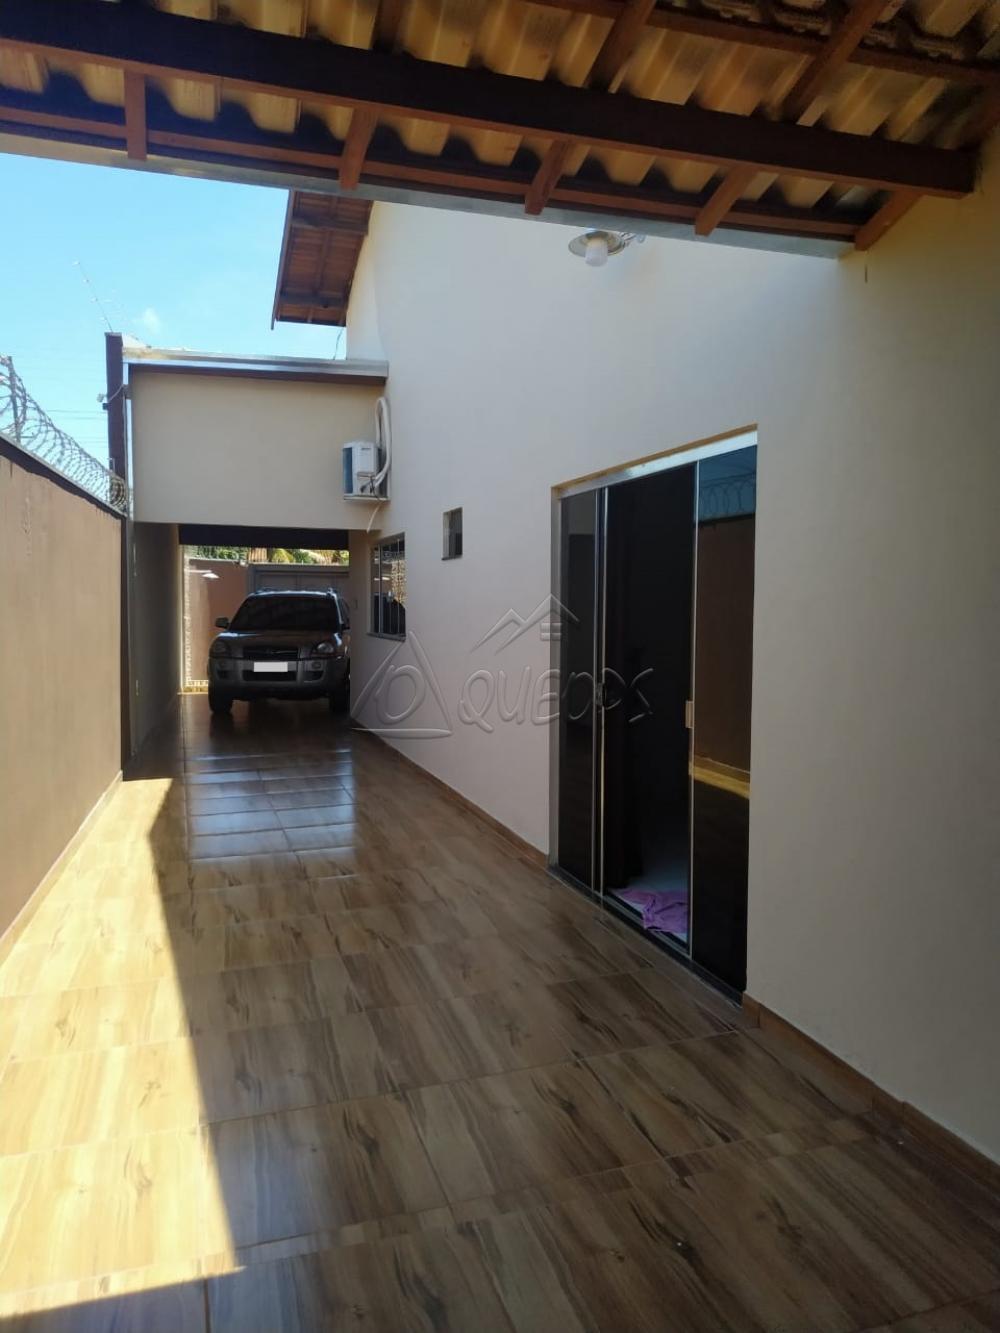 Comprar Casa / Padrão em Barretos apenas R$ 320.000,00 - Foto 4